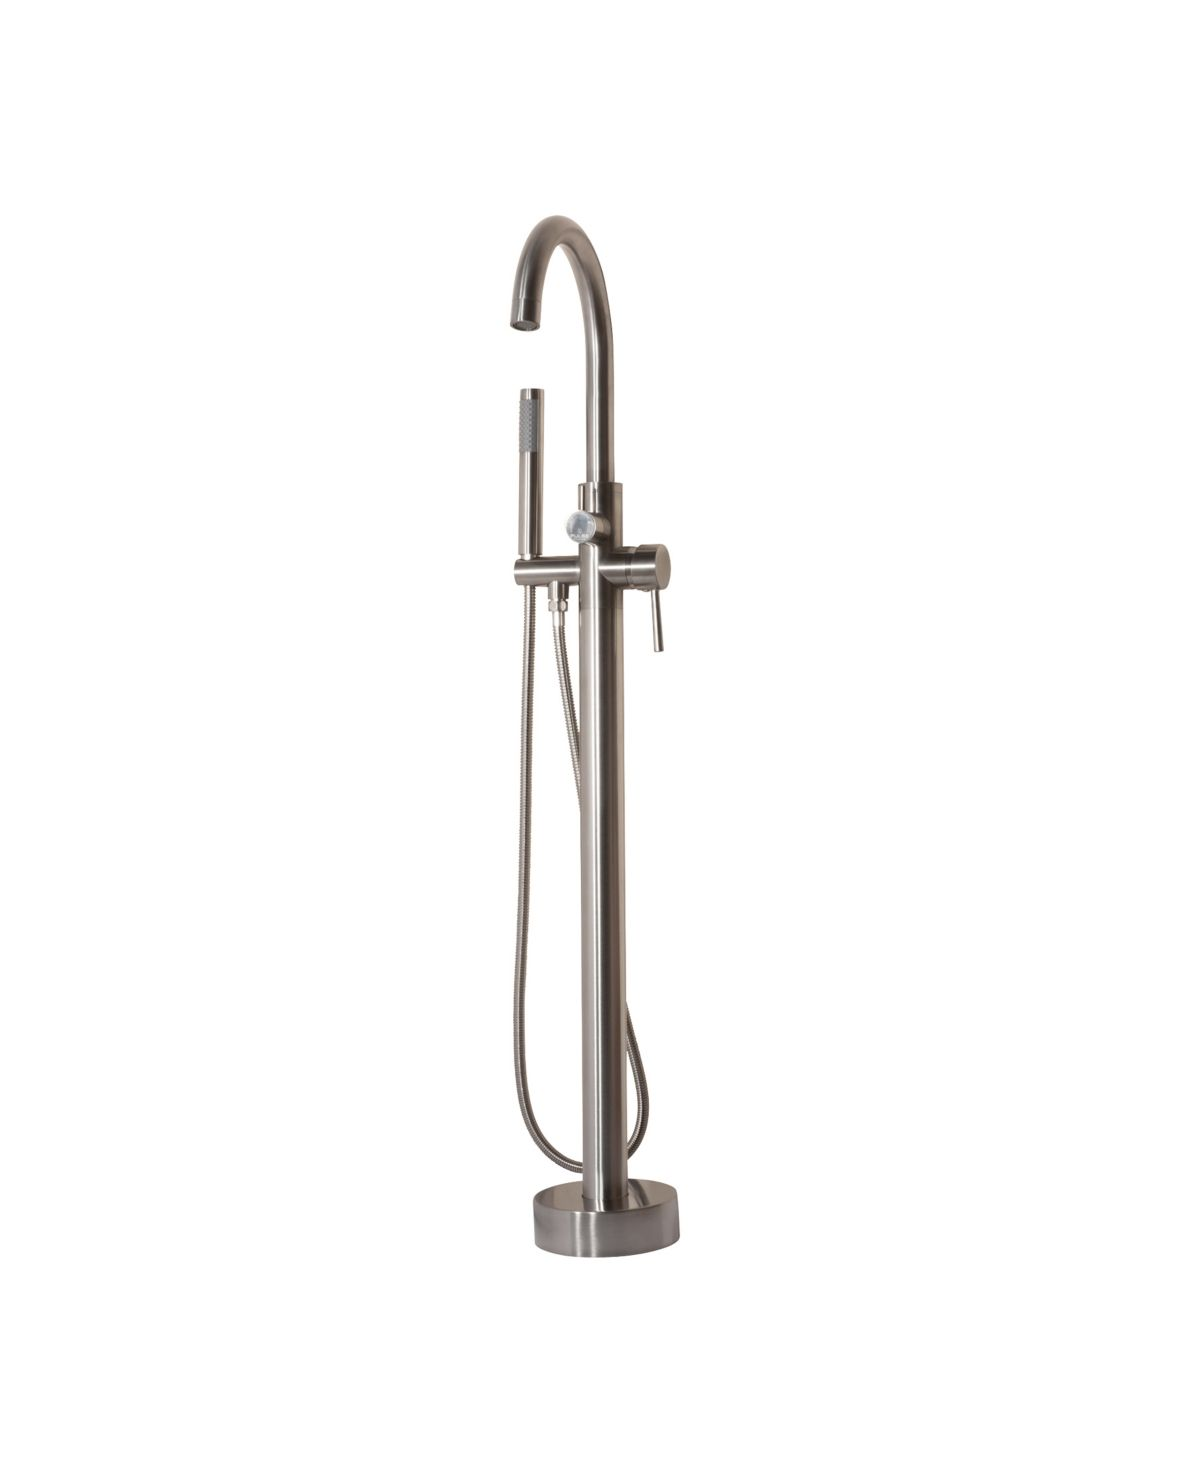 Pulse Shower Spas Pulse Showerspas Freestanding Tub Filler With